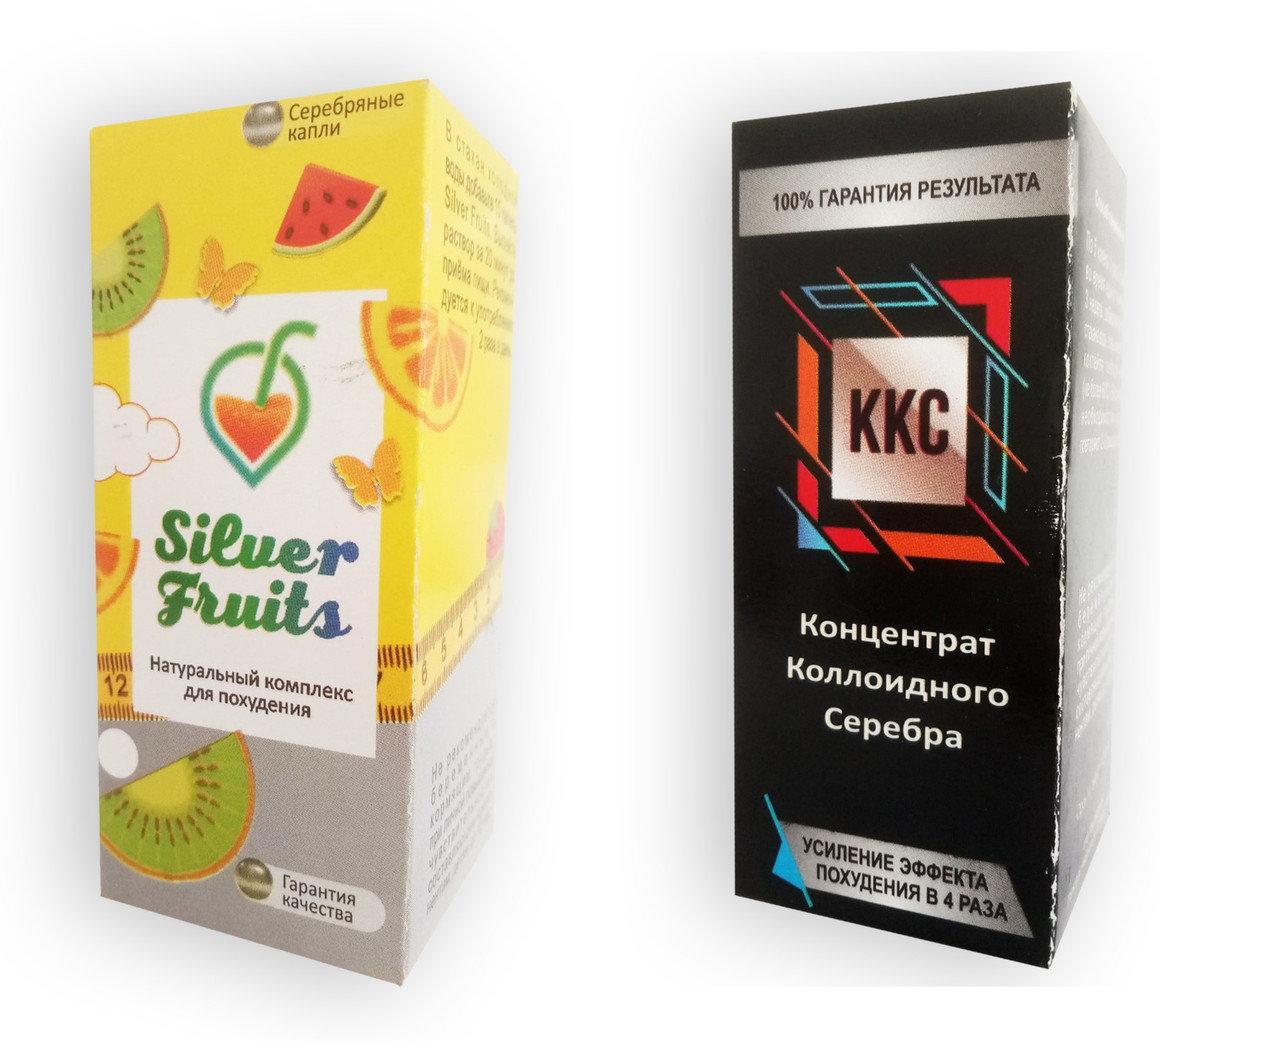 Silver Fruits - Краплі + ККС - Концентрат колоїдного срібла - Комплекс для схуднення (Сілвер Фрутс)